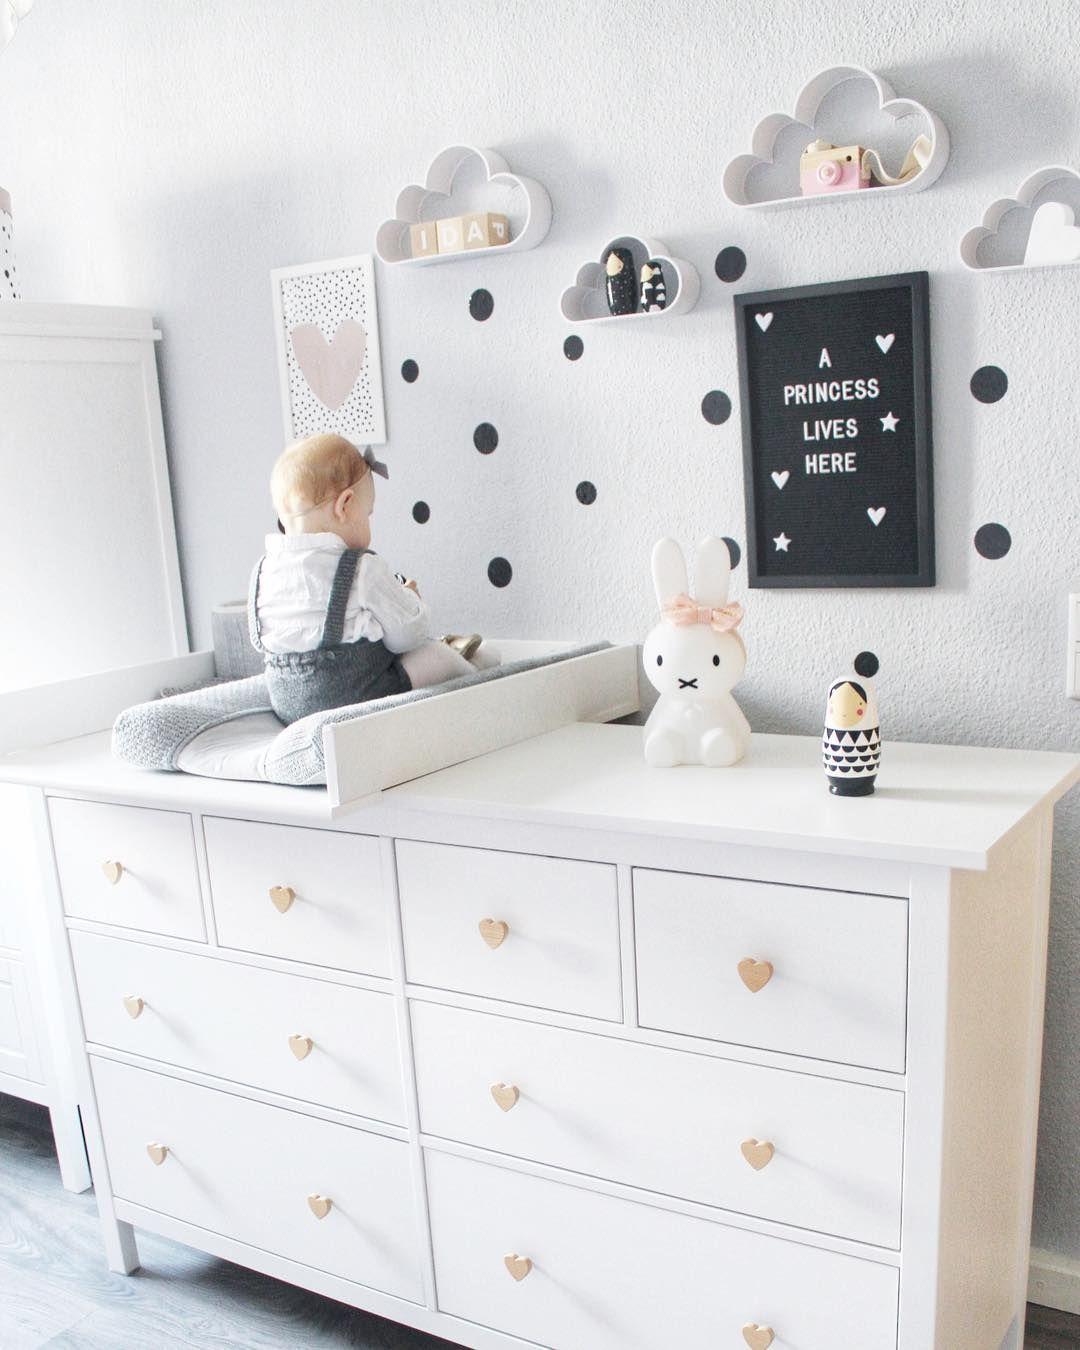 Full Size of Ein Traumhaft Schnes Kinderzimmer Mit Der Ikea Hemnes Kommode Als Küche Kosten Miniküche Kaufen Möbelgriffe Betten 160x200 Modulküche Sofa Schlaffunktion Wohnzimmer Möbelgriffe Ikea